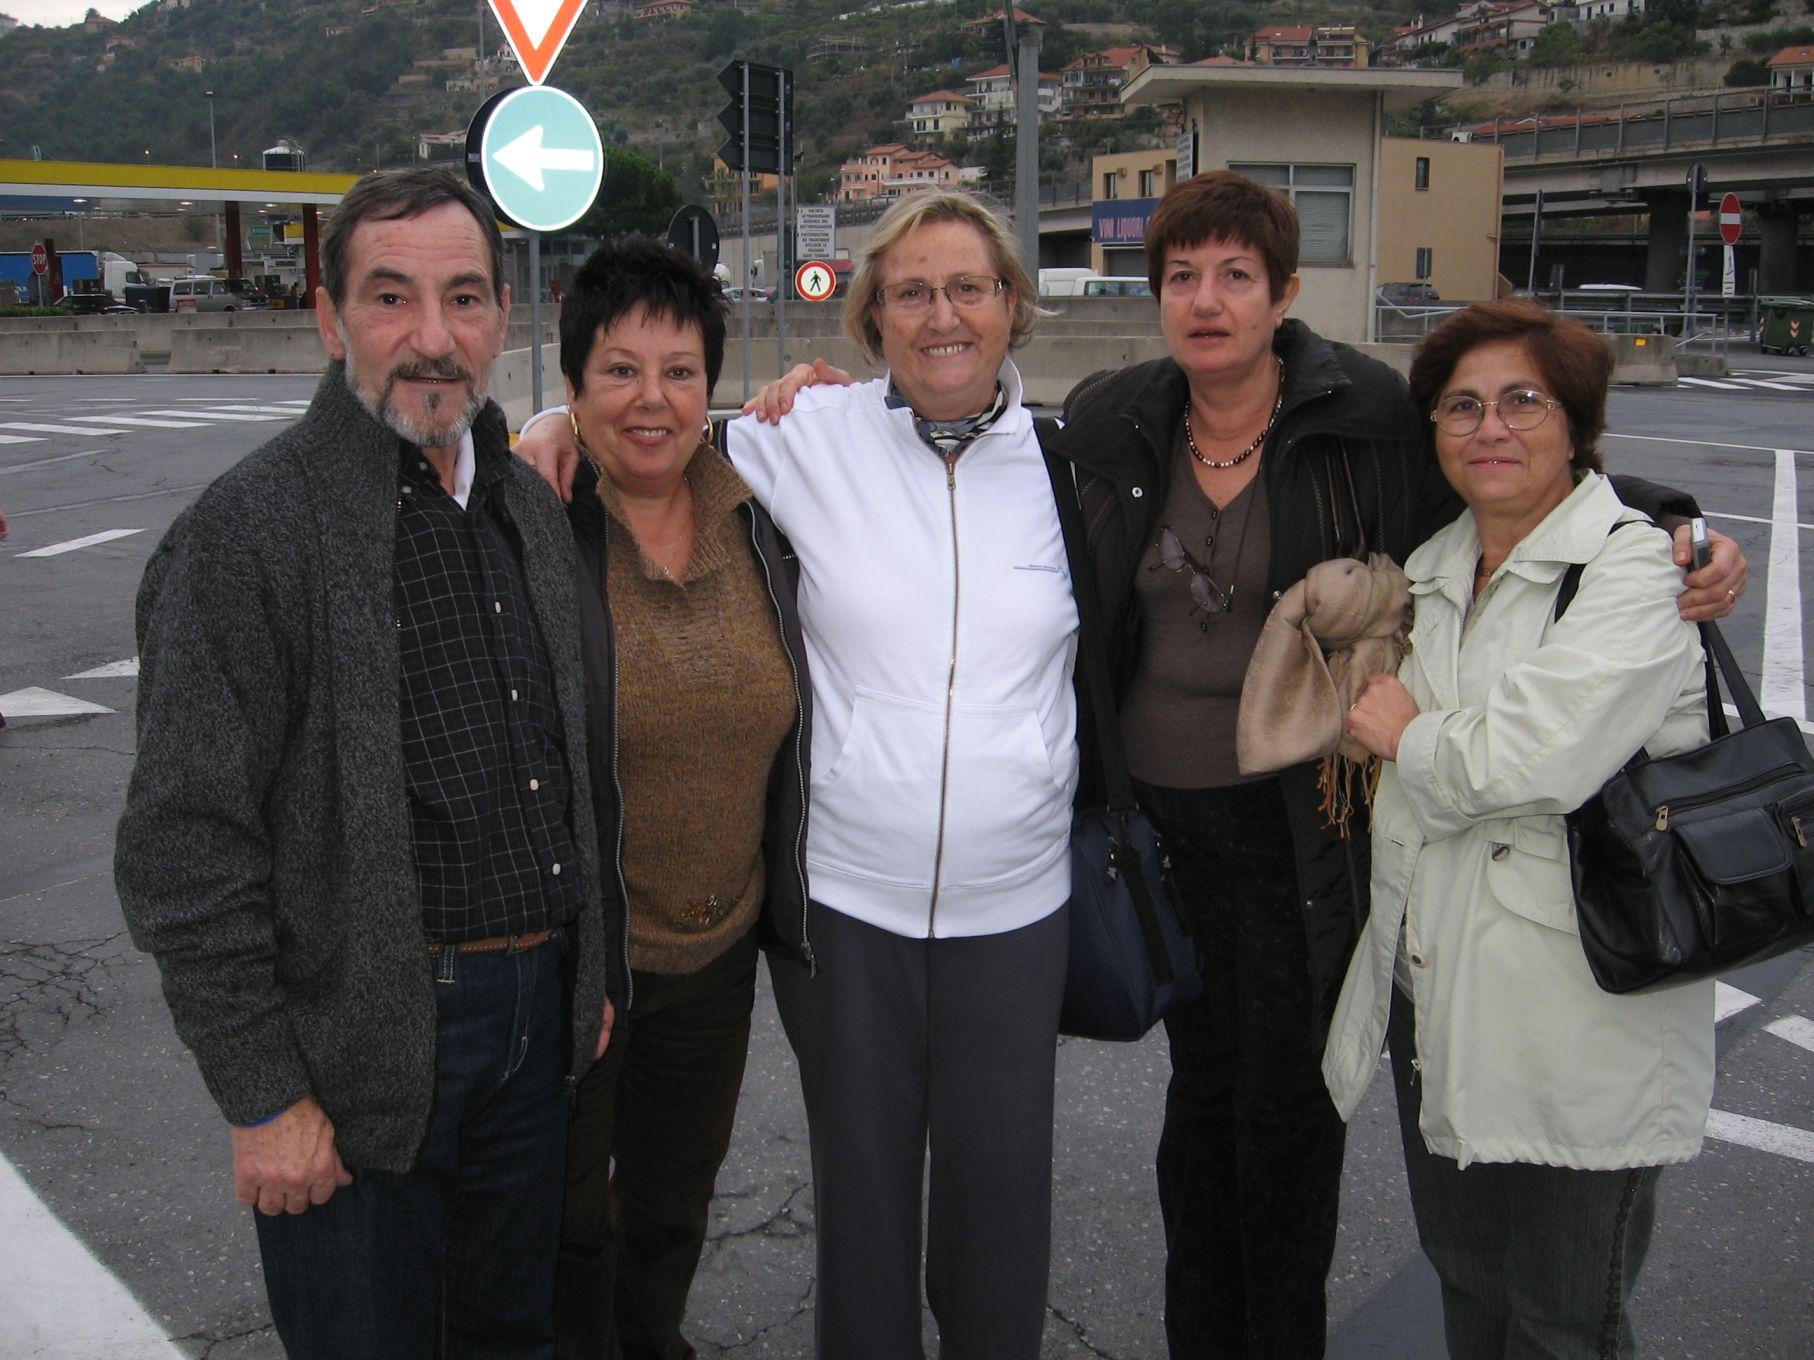 Lourdes-2008-10-24--08.35.17.jpg